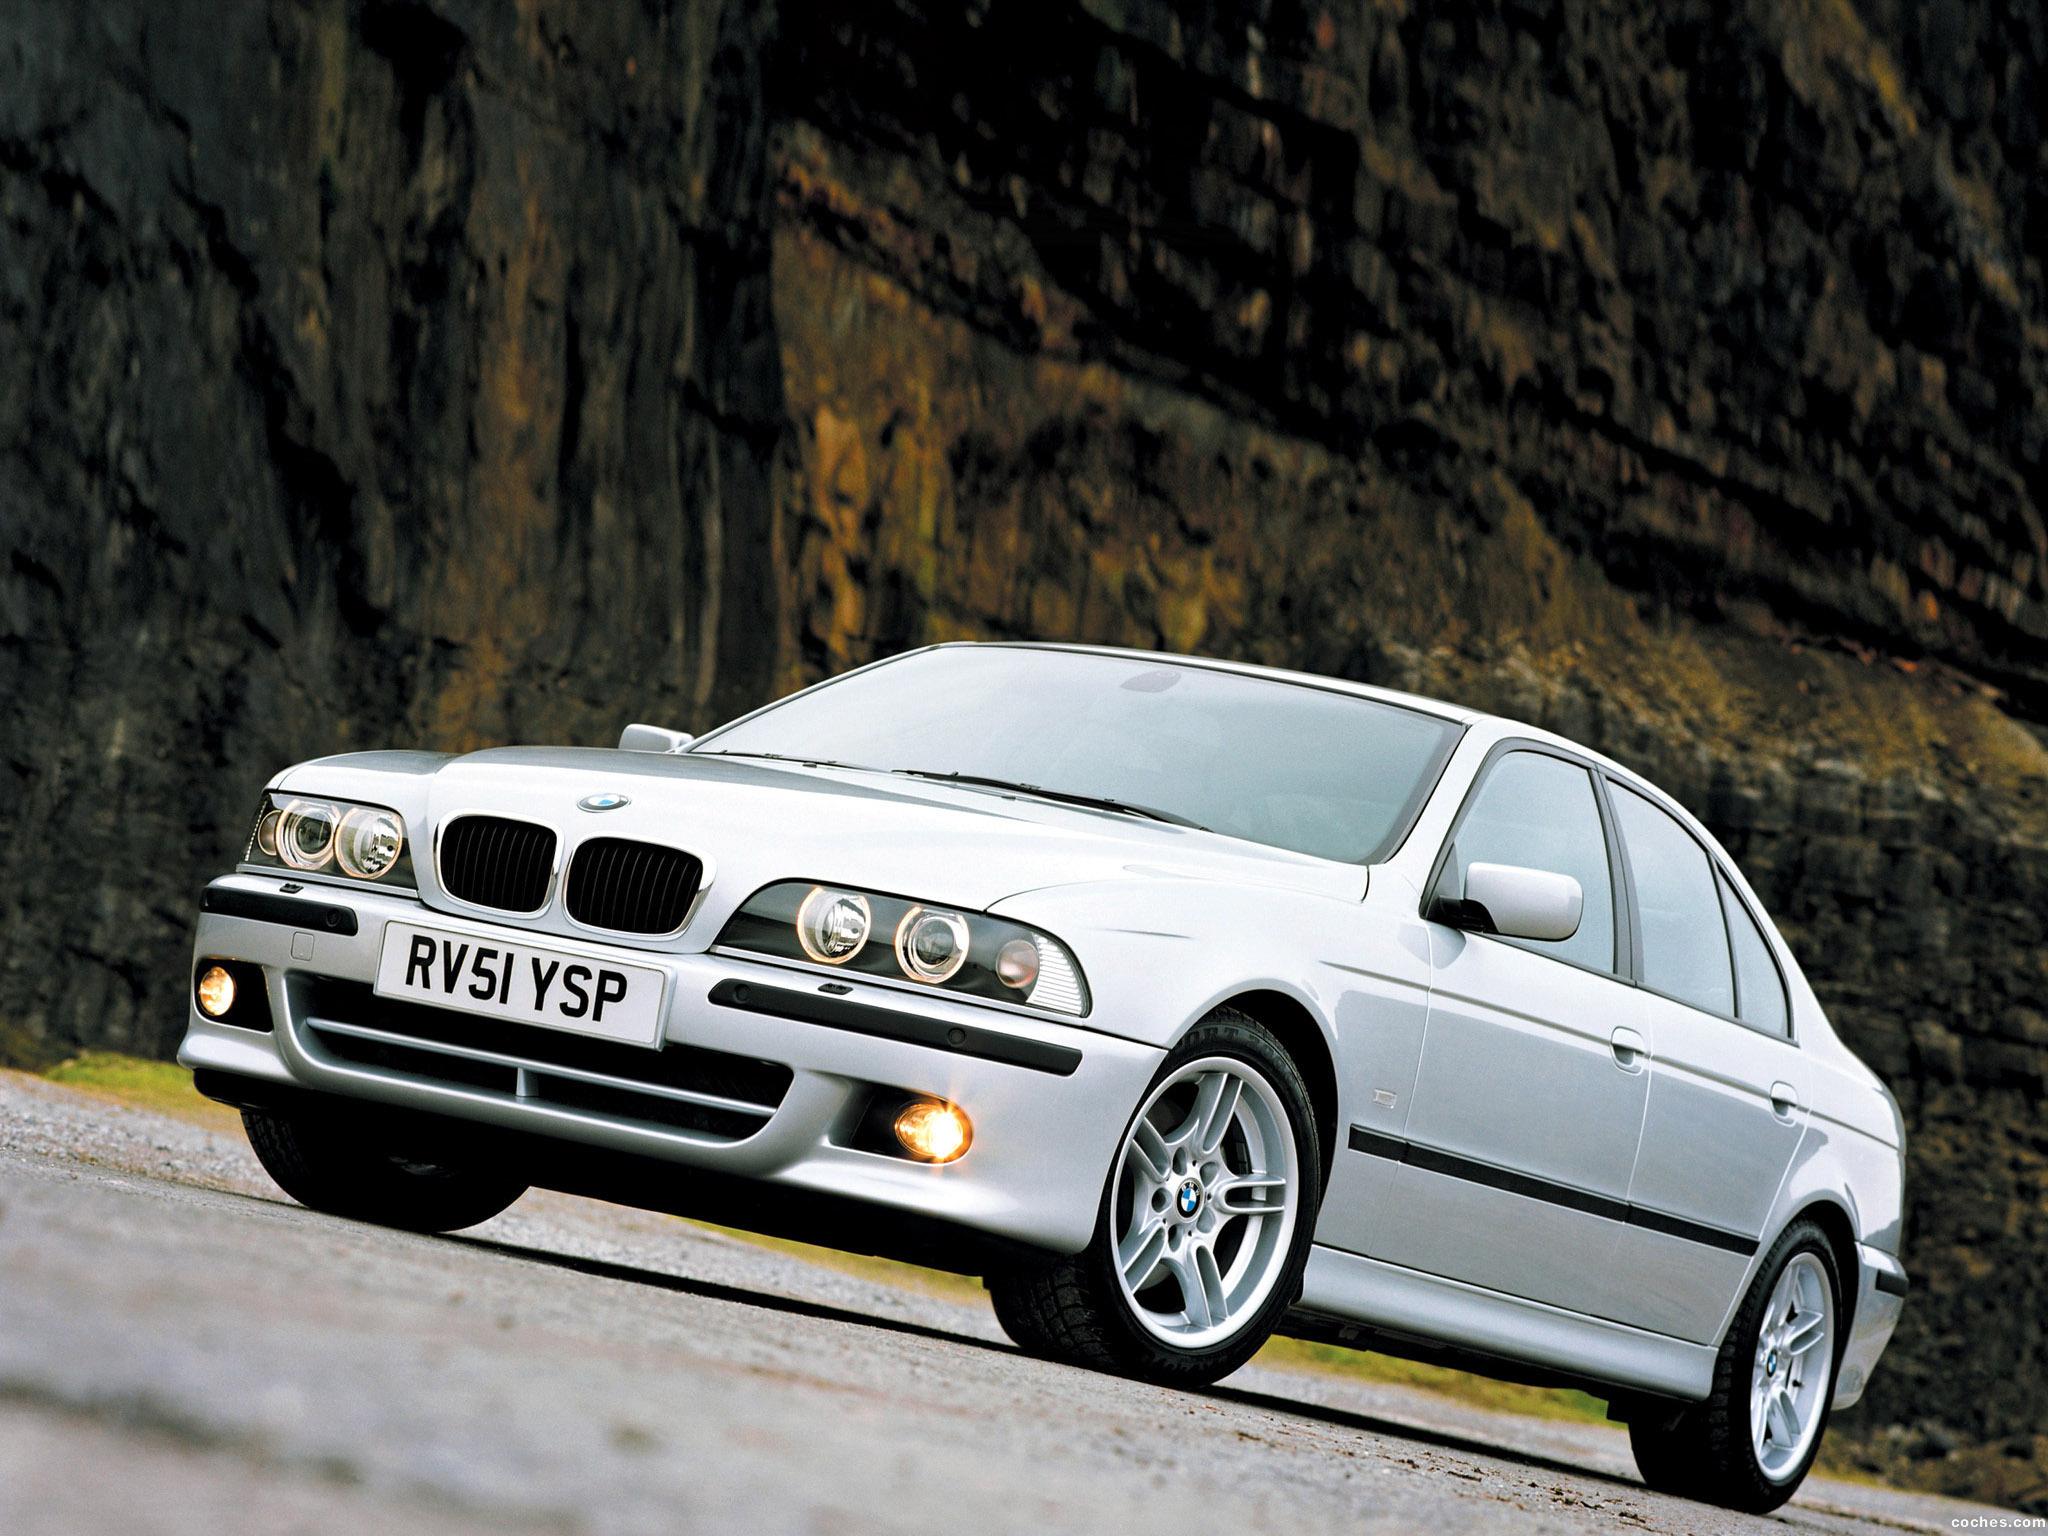 I Sport Packagefotos De Bmw D Sedan M Sports Package E39 2002 Ci 325i Start Up Fotos 5 Series 530d